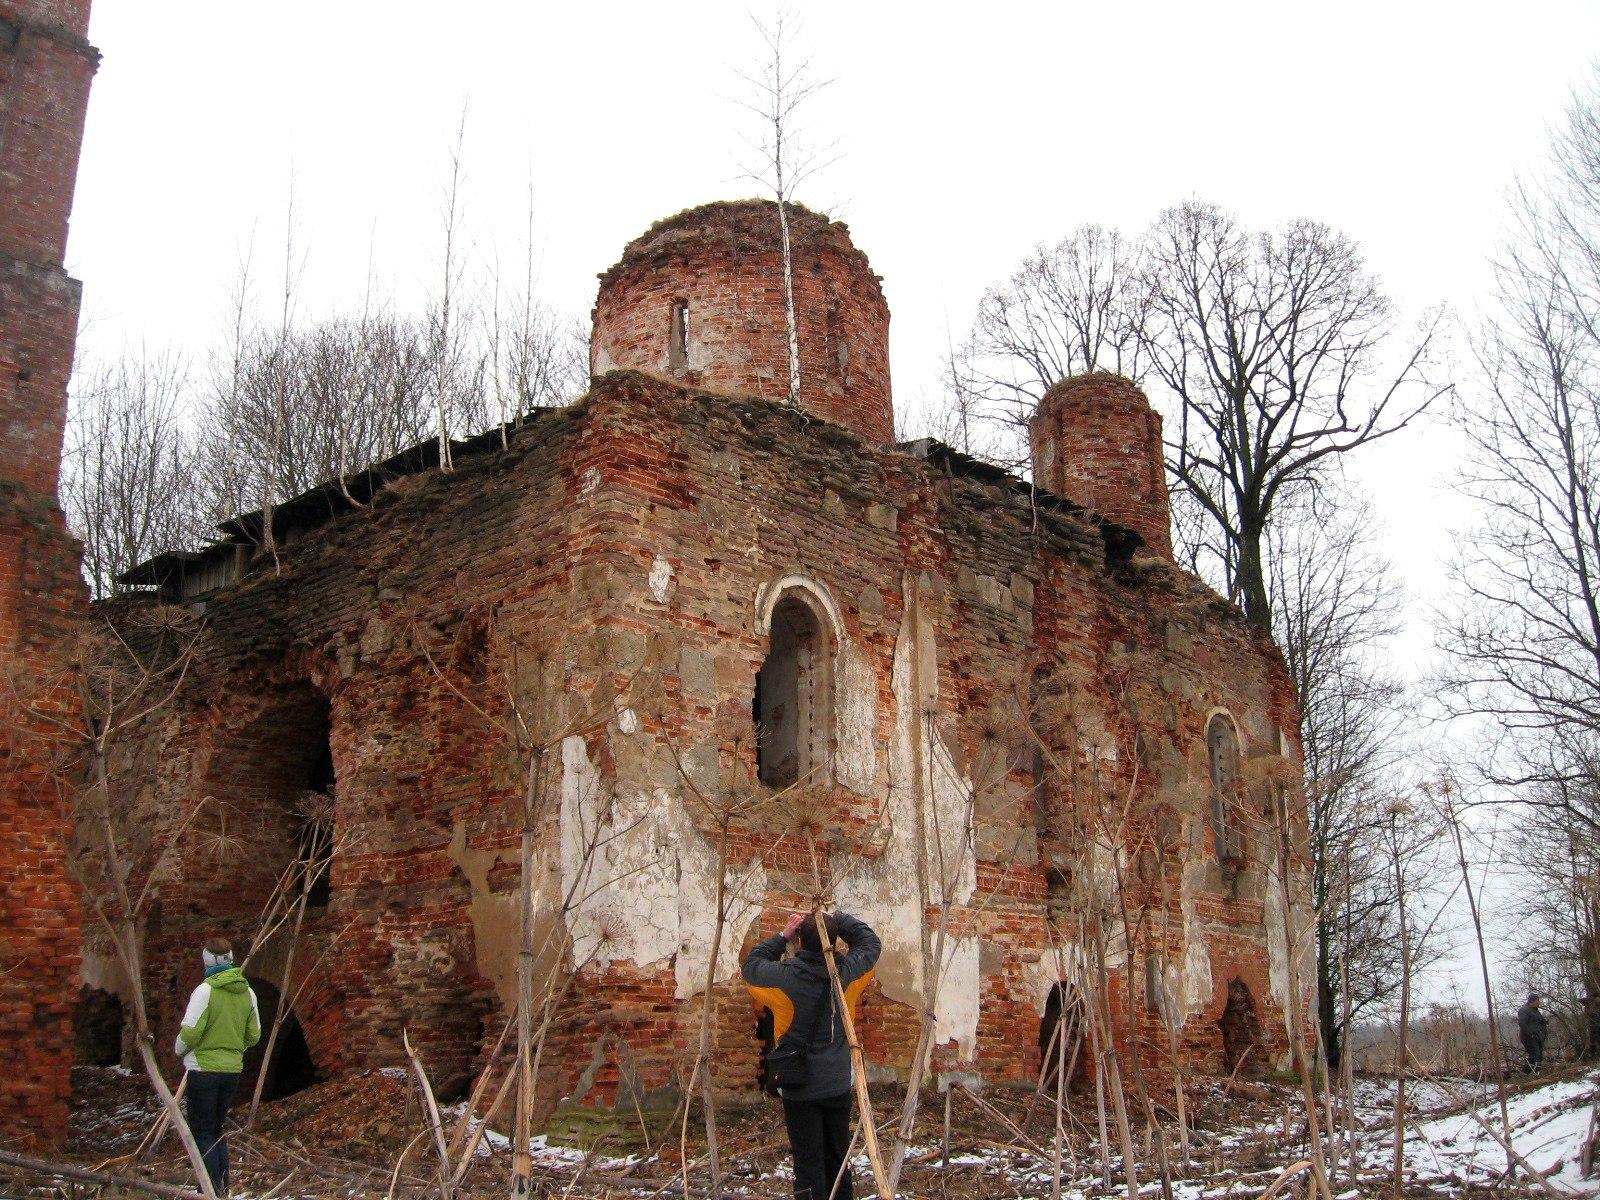 Каменные Поляны, Лужский район. Церковь, построенная по приказу Ивана Грозного.